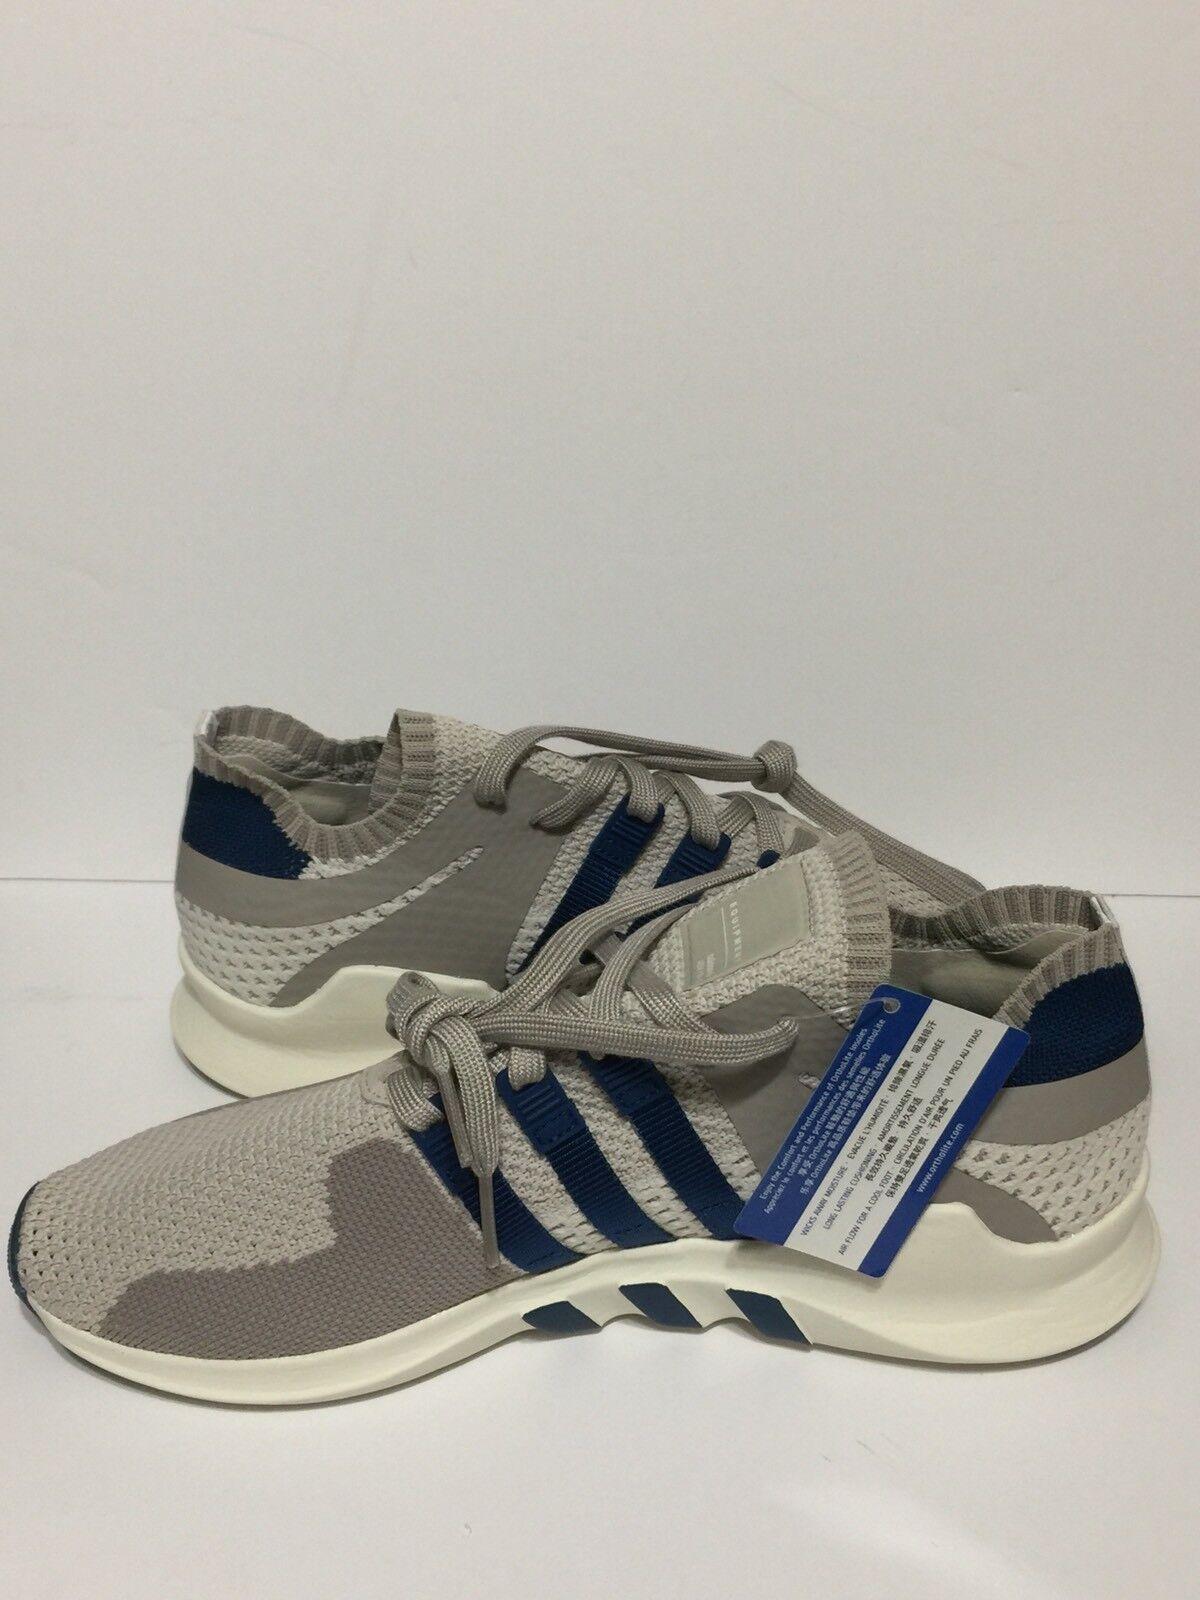 Adidas eqt unterstützung primeknit klare preissenkungen Braun blaue männer sind preissenkungen klare 1dc946